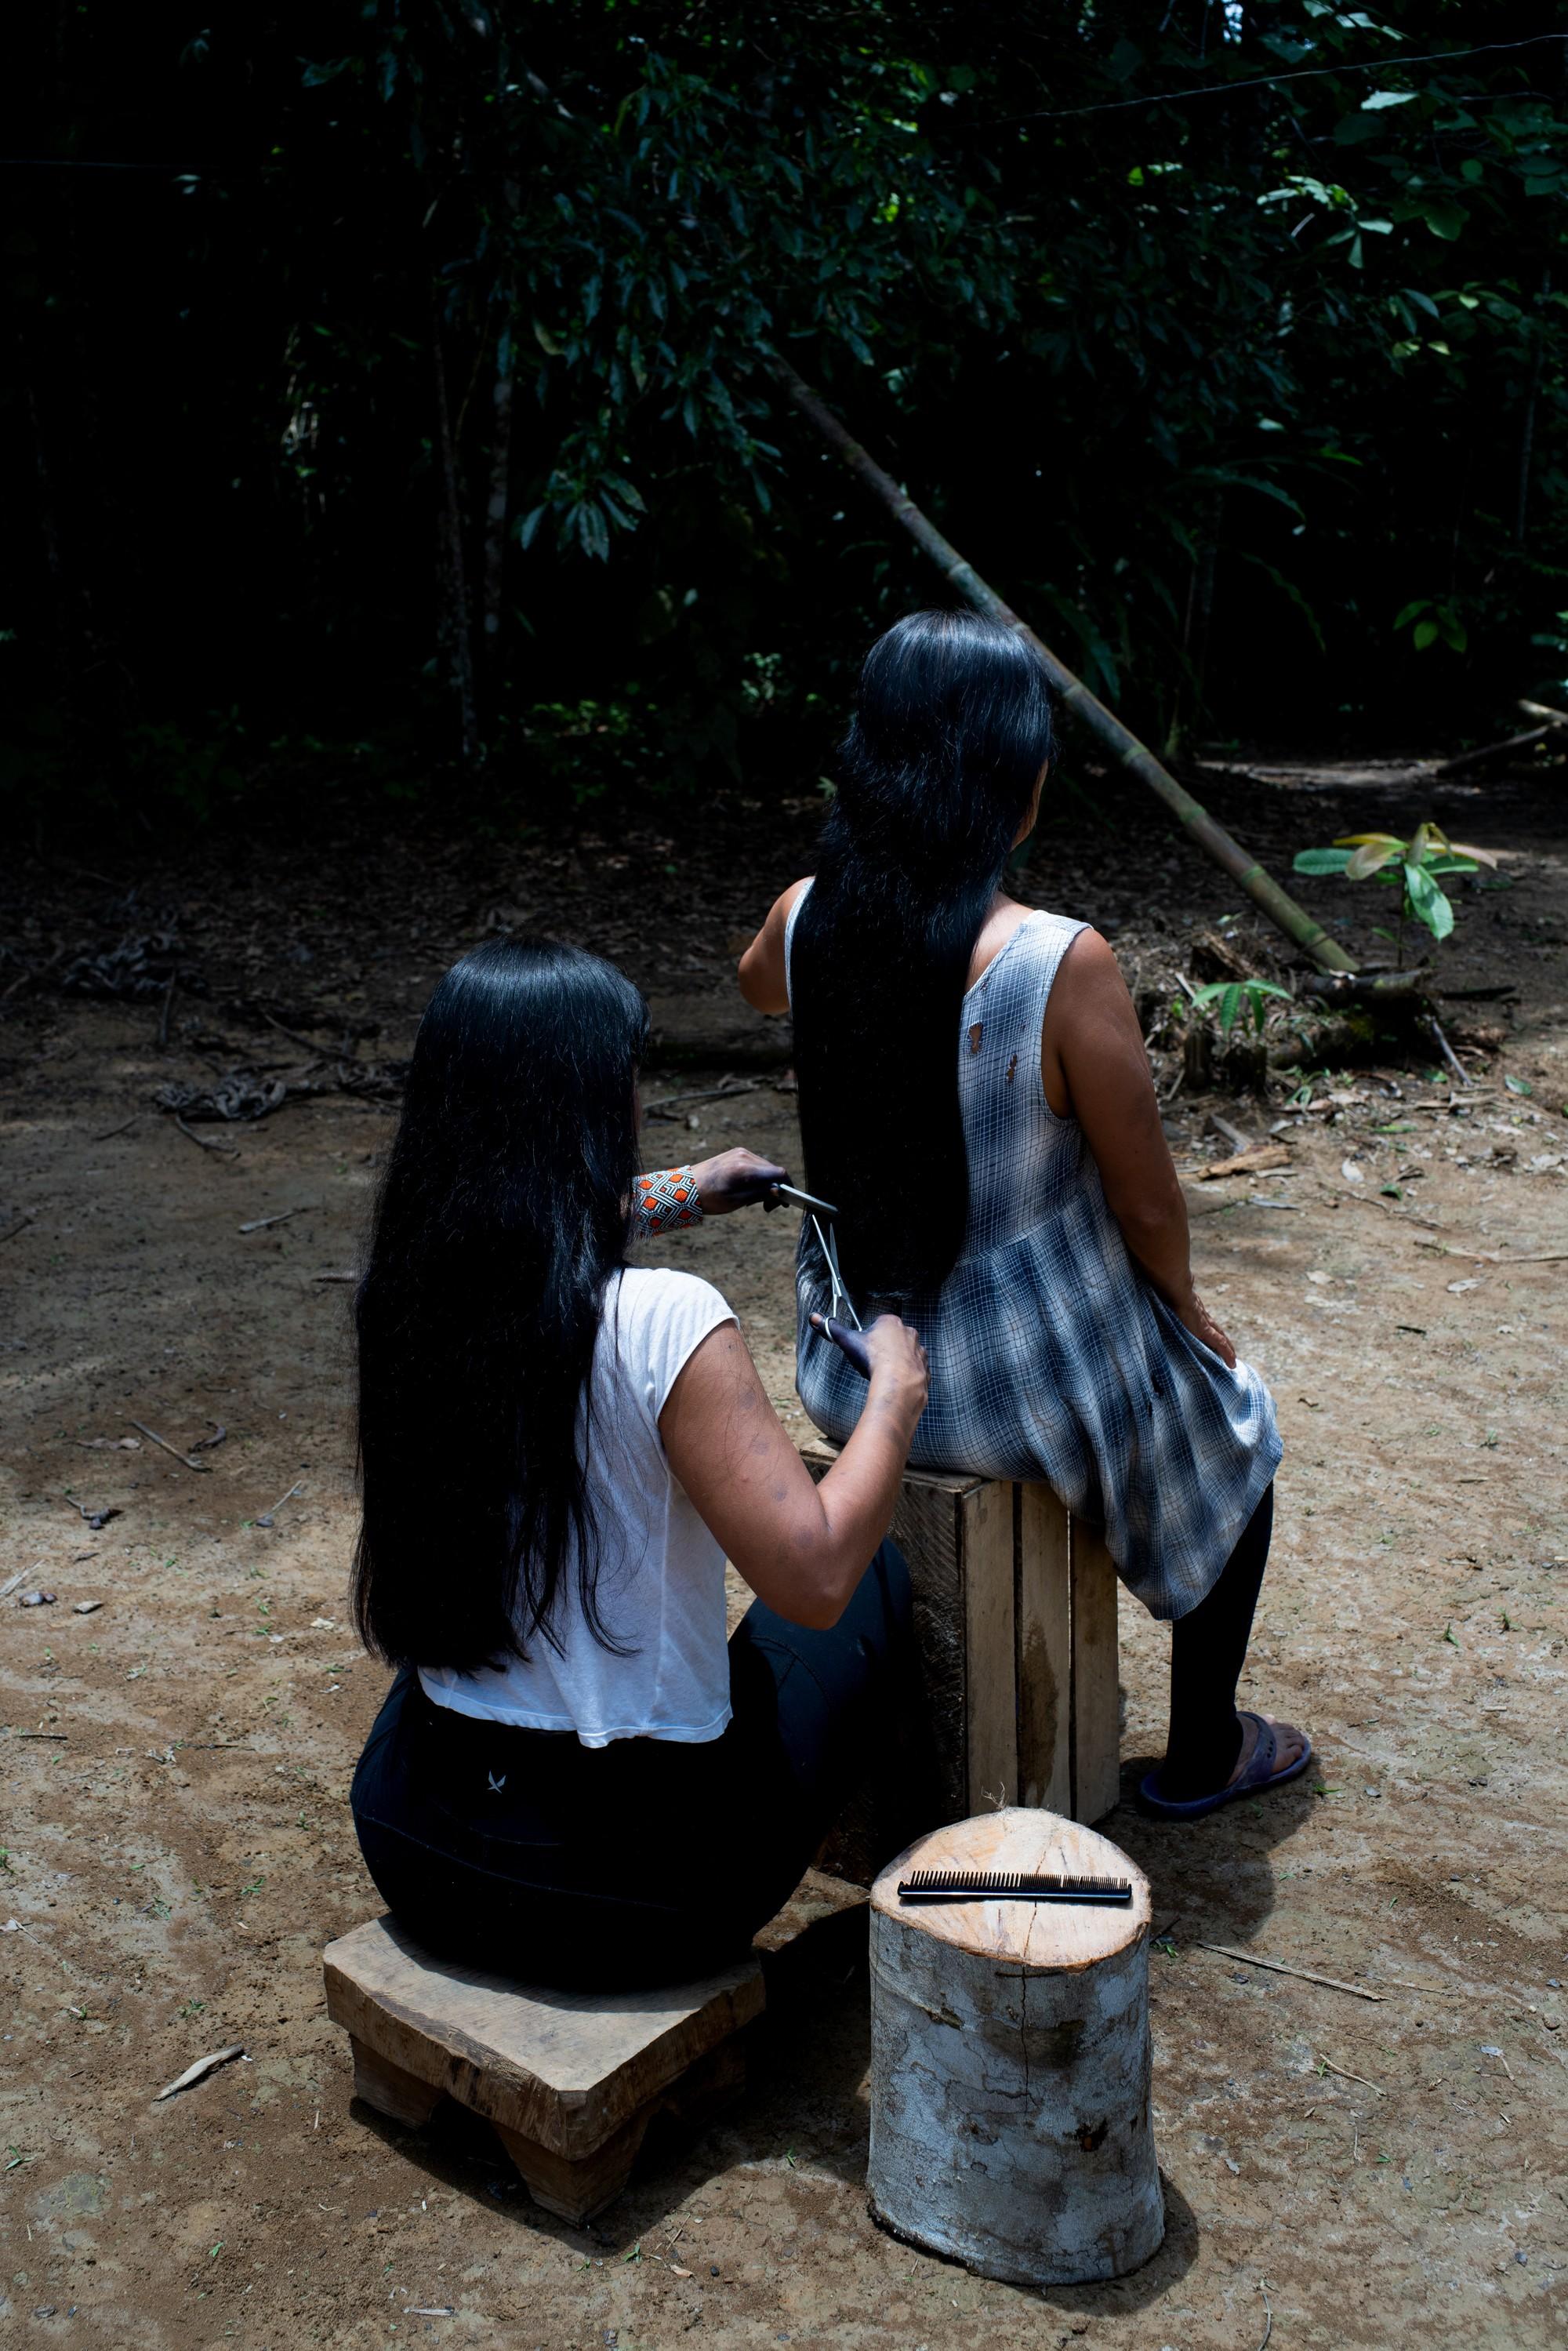 Nina Gualinga corta o cabelo da mãe, Noemi. Ambas as mulheres são membros da Mulheres indígenas coletivas Mujeres Amazonicas, em sua comunidade de Sarayaku no Amazônia equatoriana (Foto: Alice Aedy)